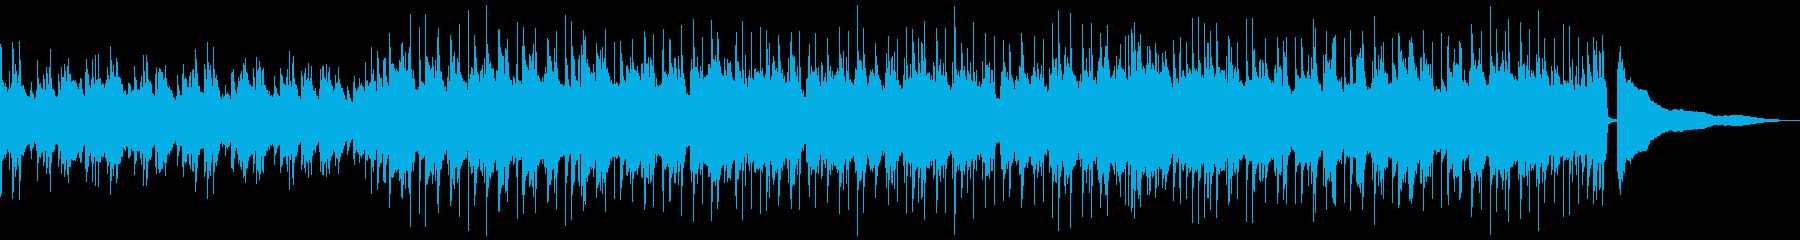 アコースティックバンドによる日常を彩る曲の再生済みの波形